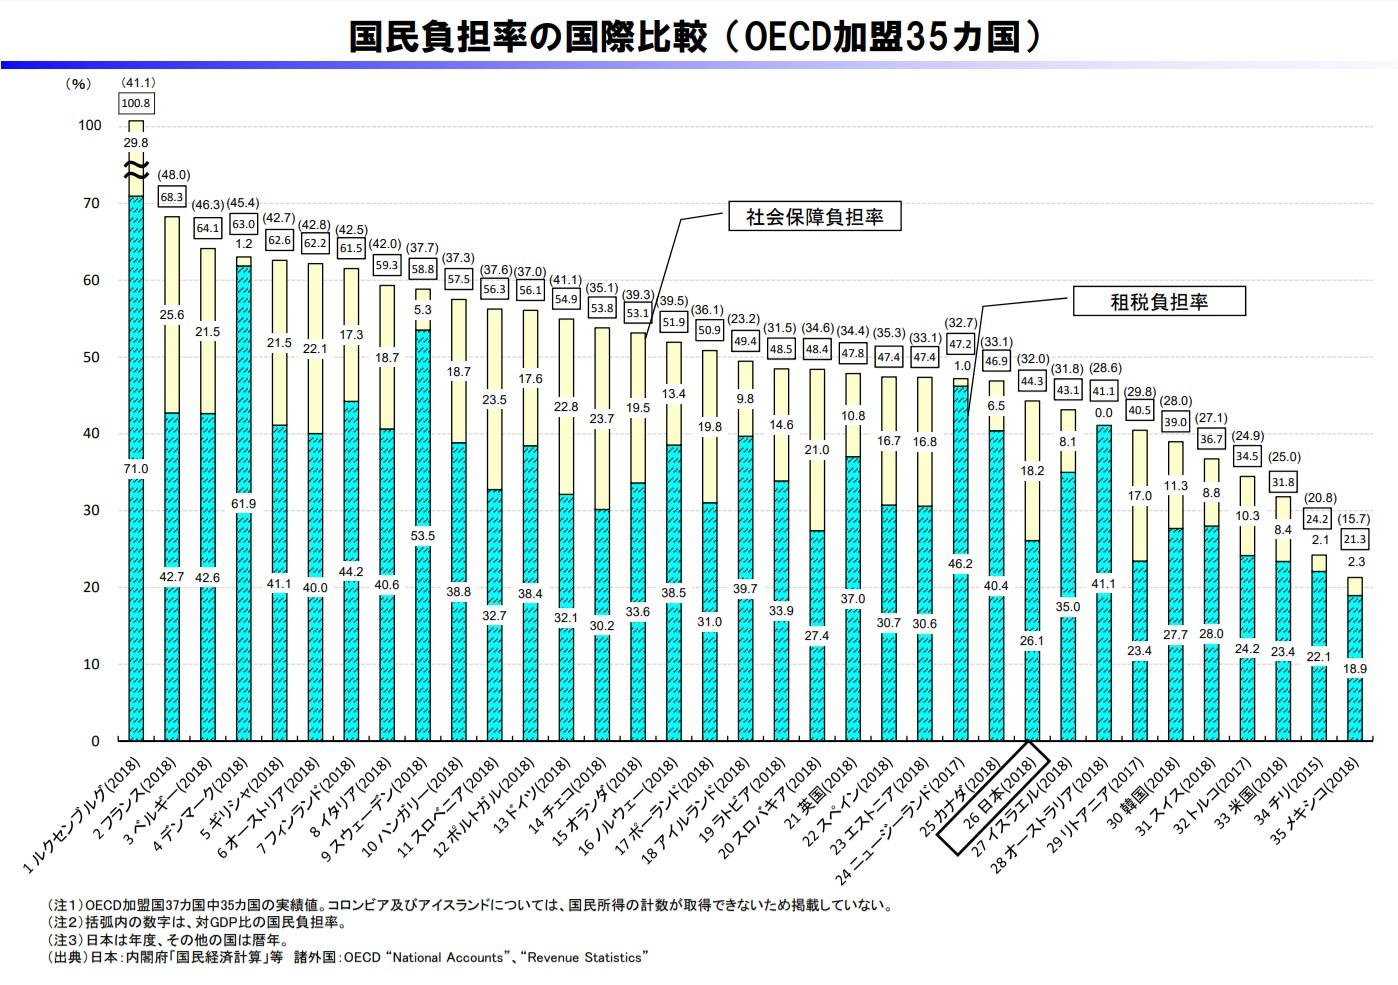 国民負担率の国際比較(OECD加盟35カ国)